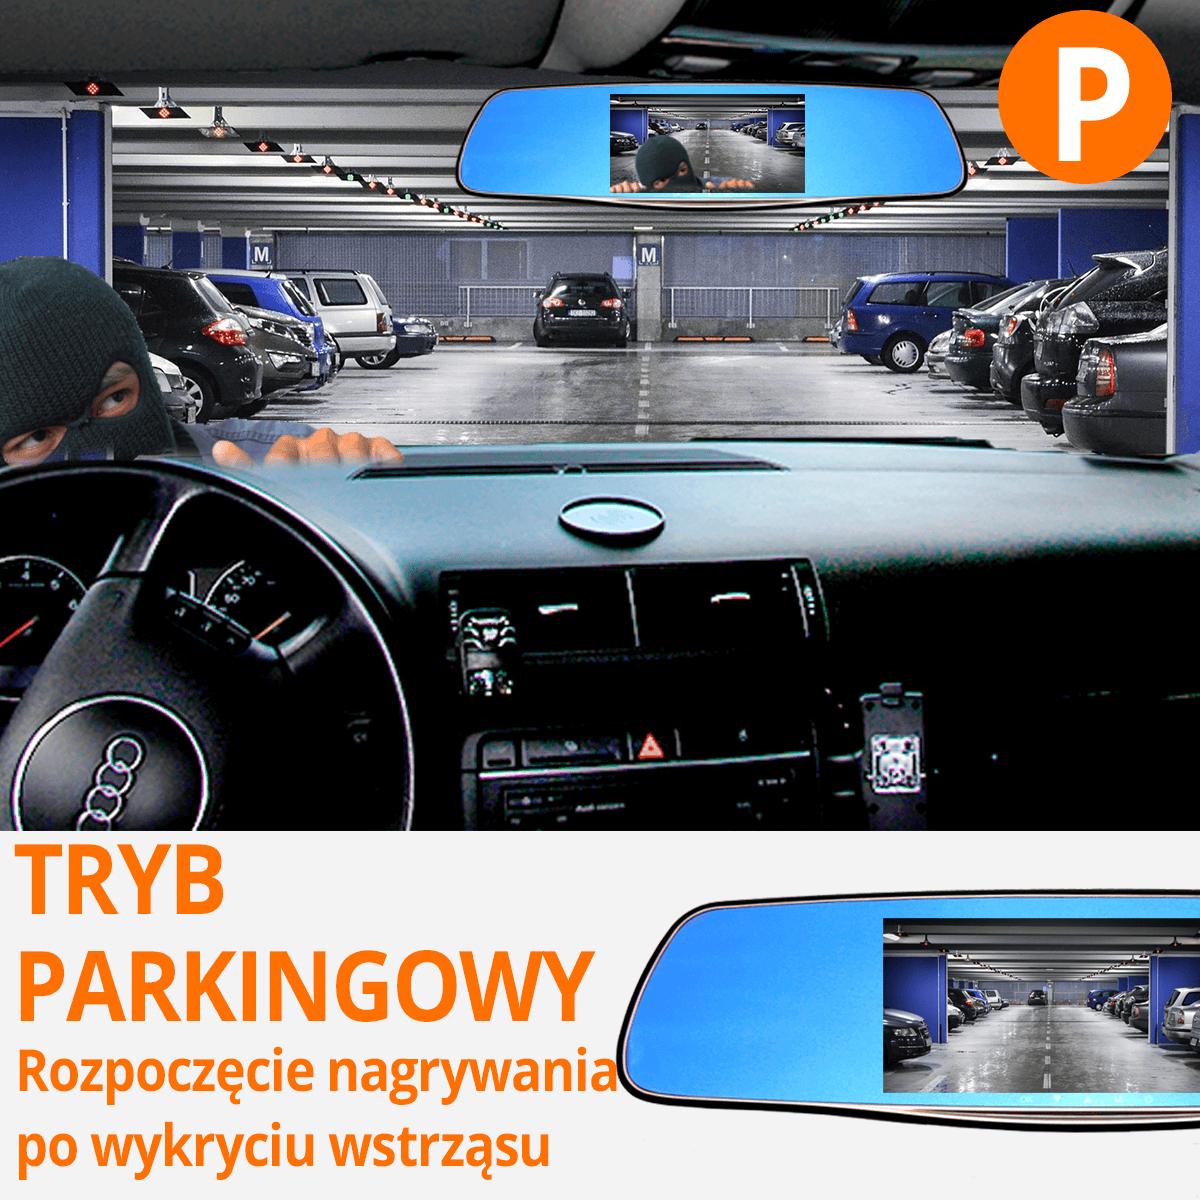 Kamera-samochodowa-LX40DUAL-tryb-parkingowy-orllo-pl